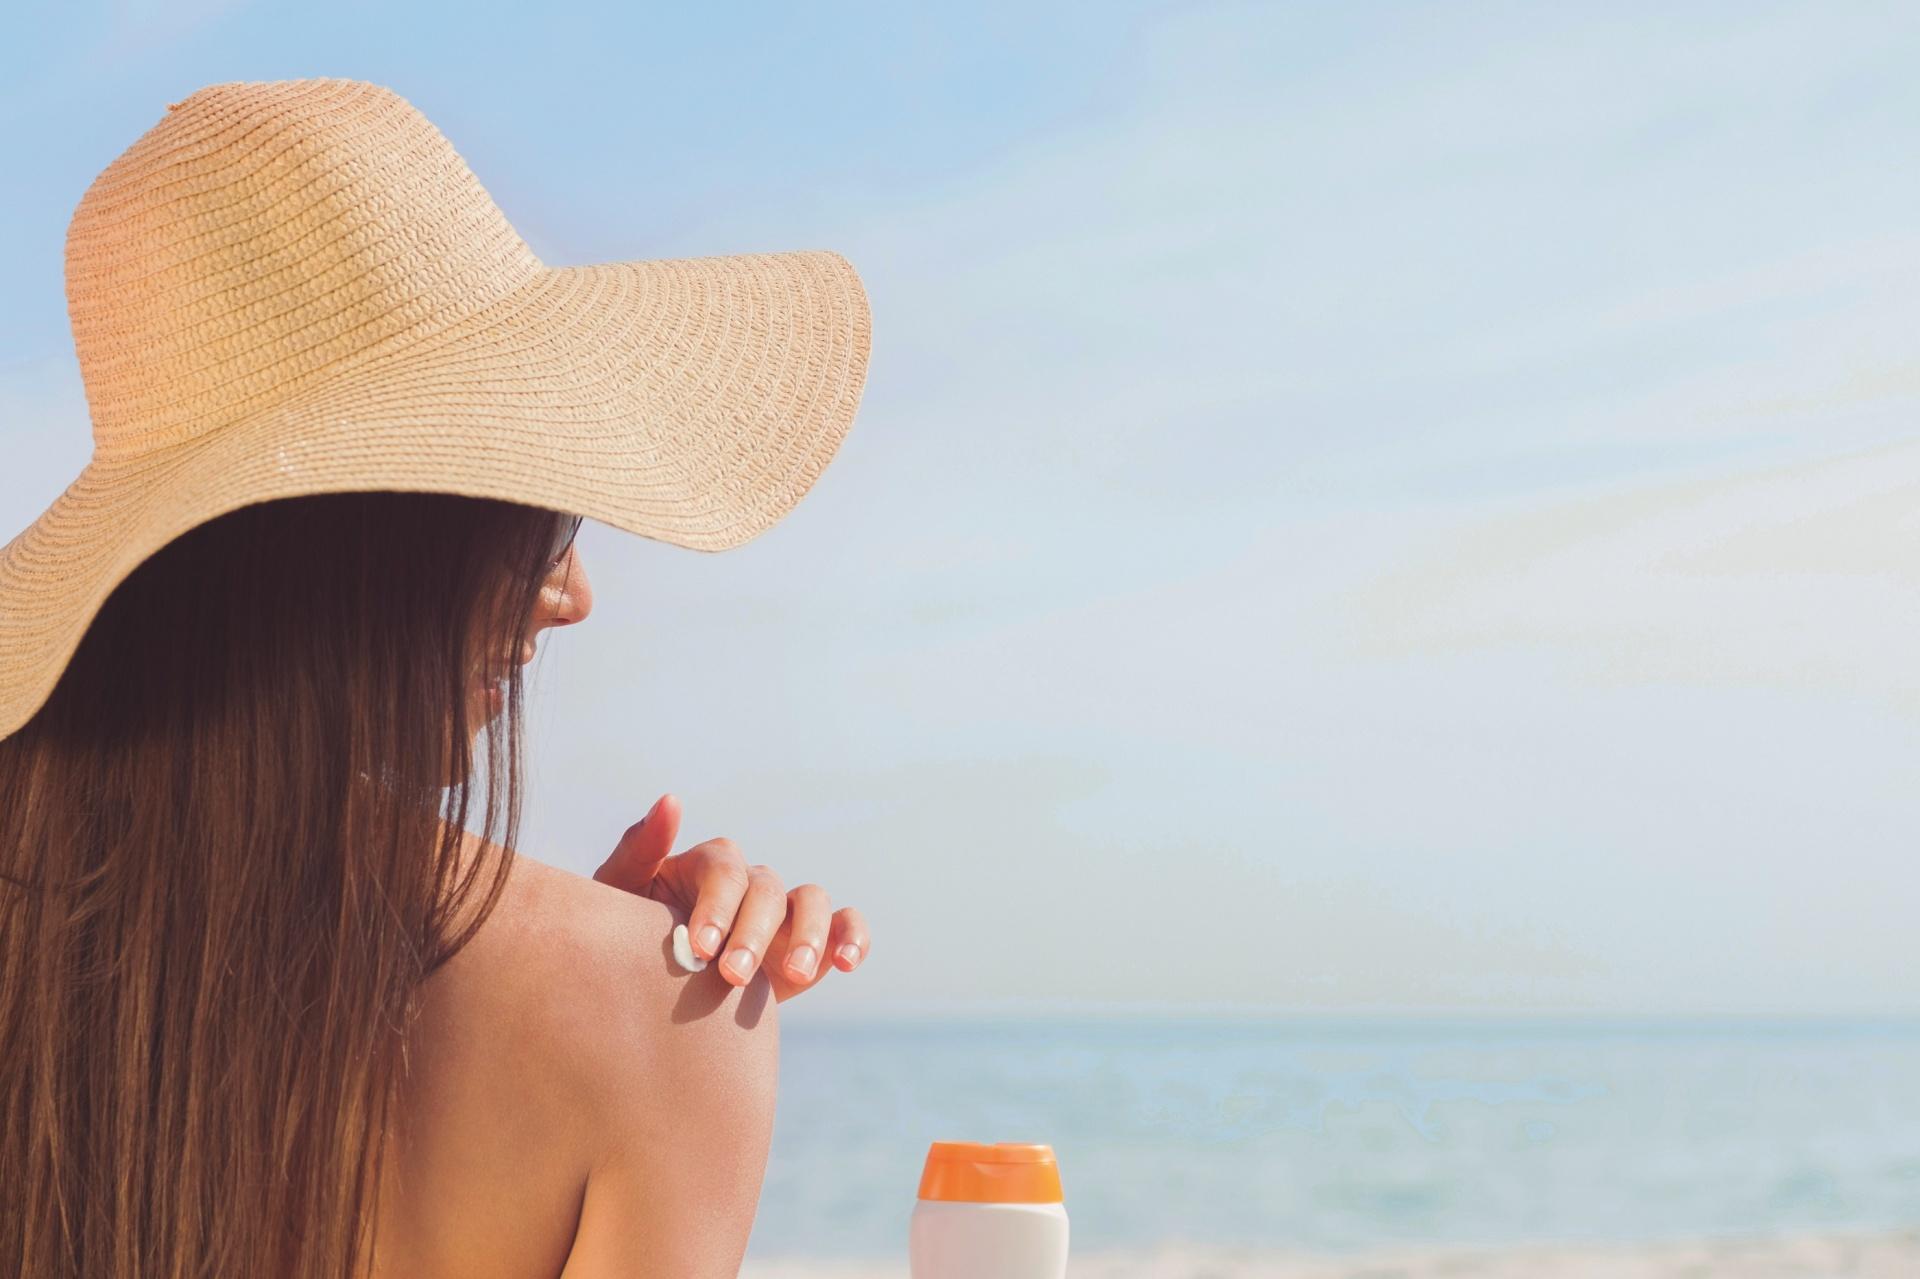 mettre de la crème protéger sa peau seins tombent été soleil